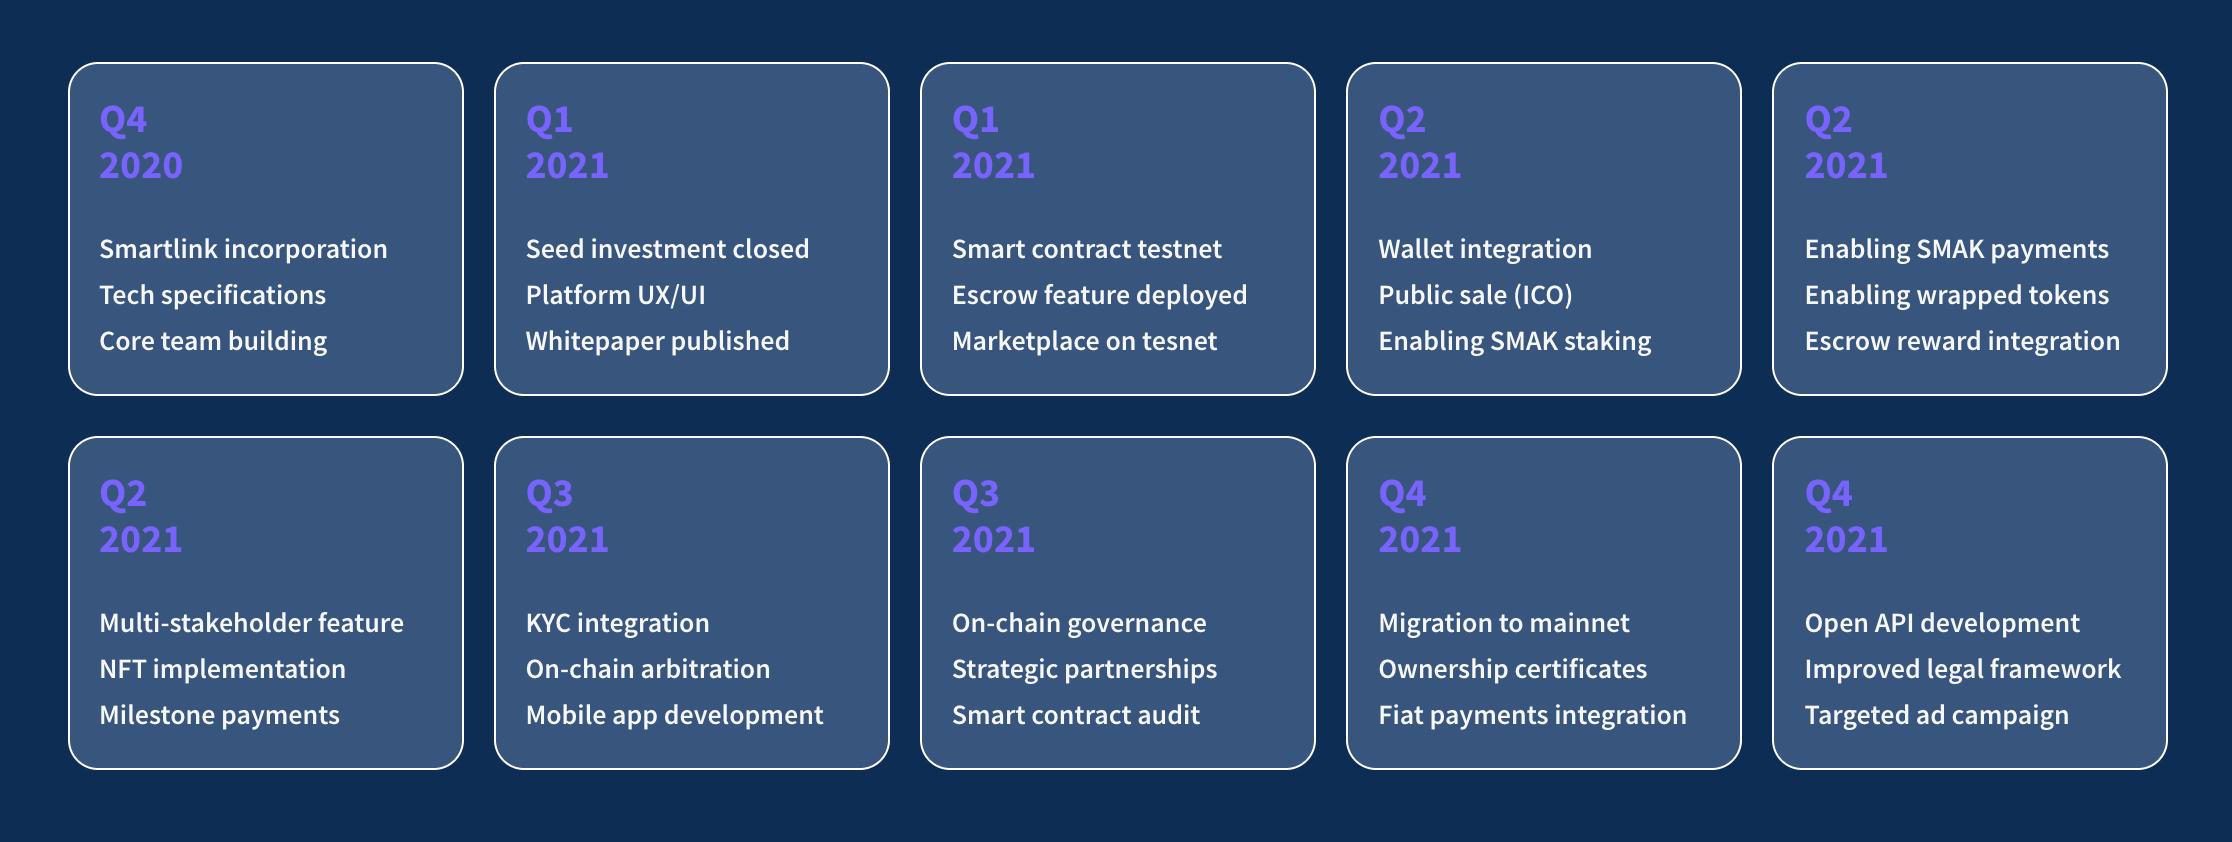 Smartlink roadmap